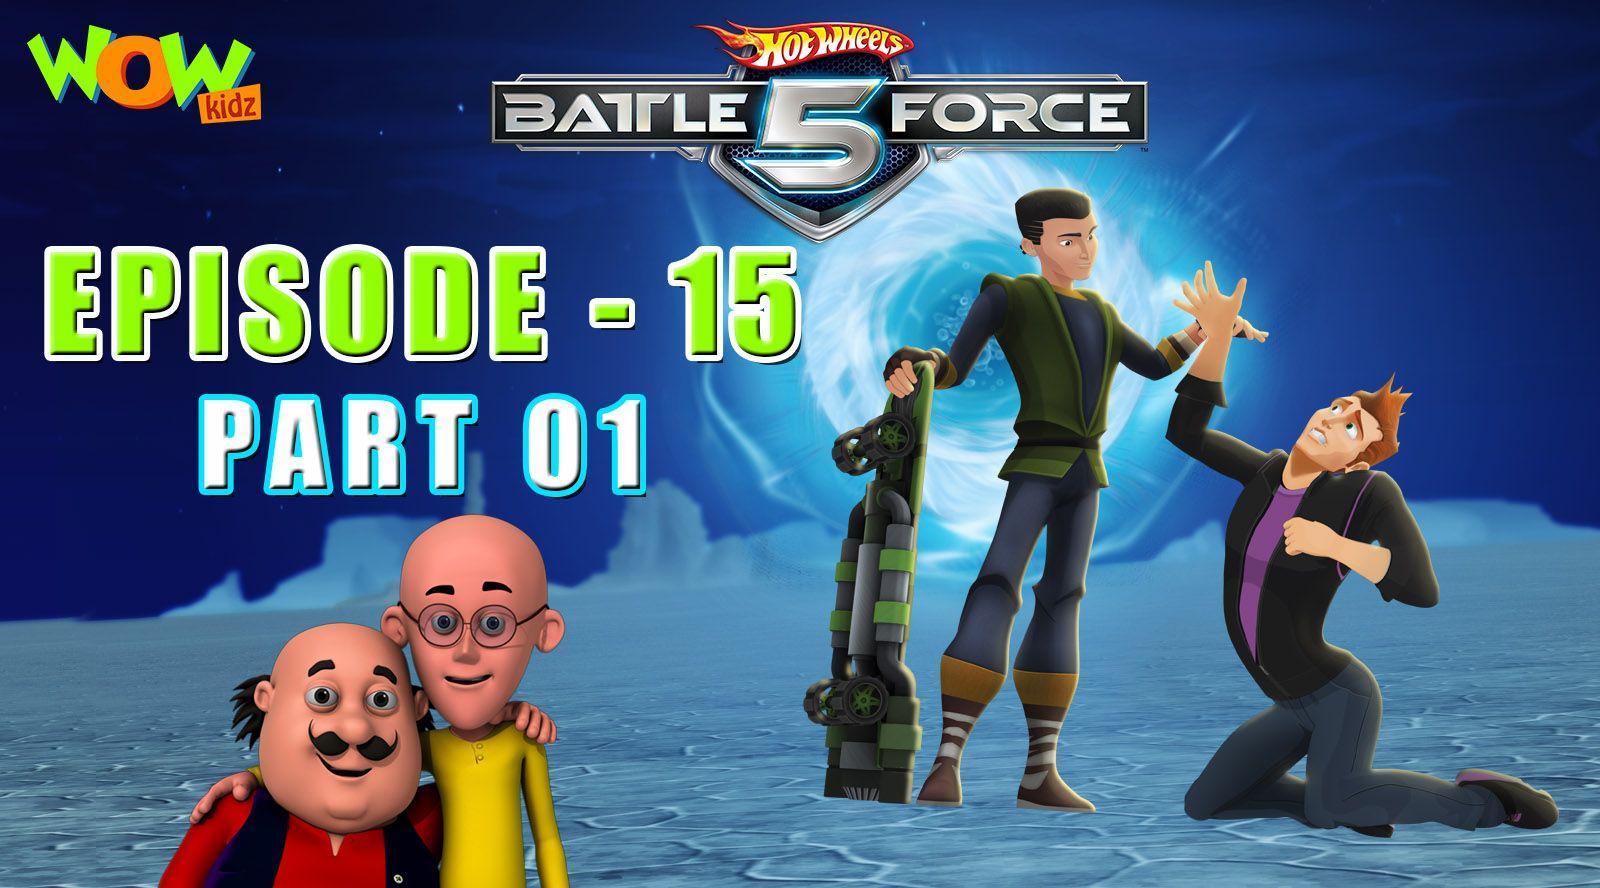 battle force 5 episode 15